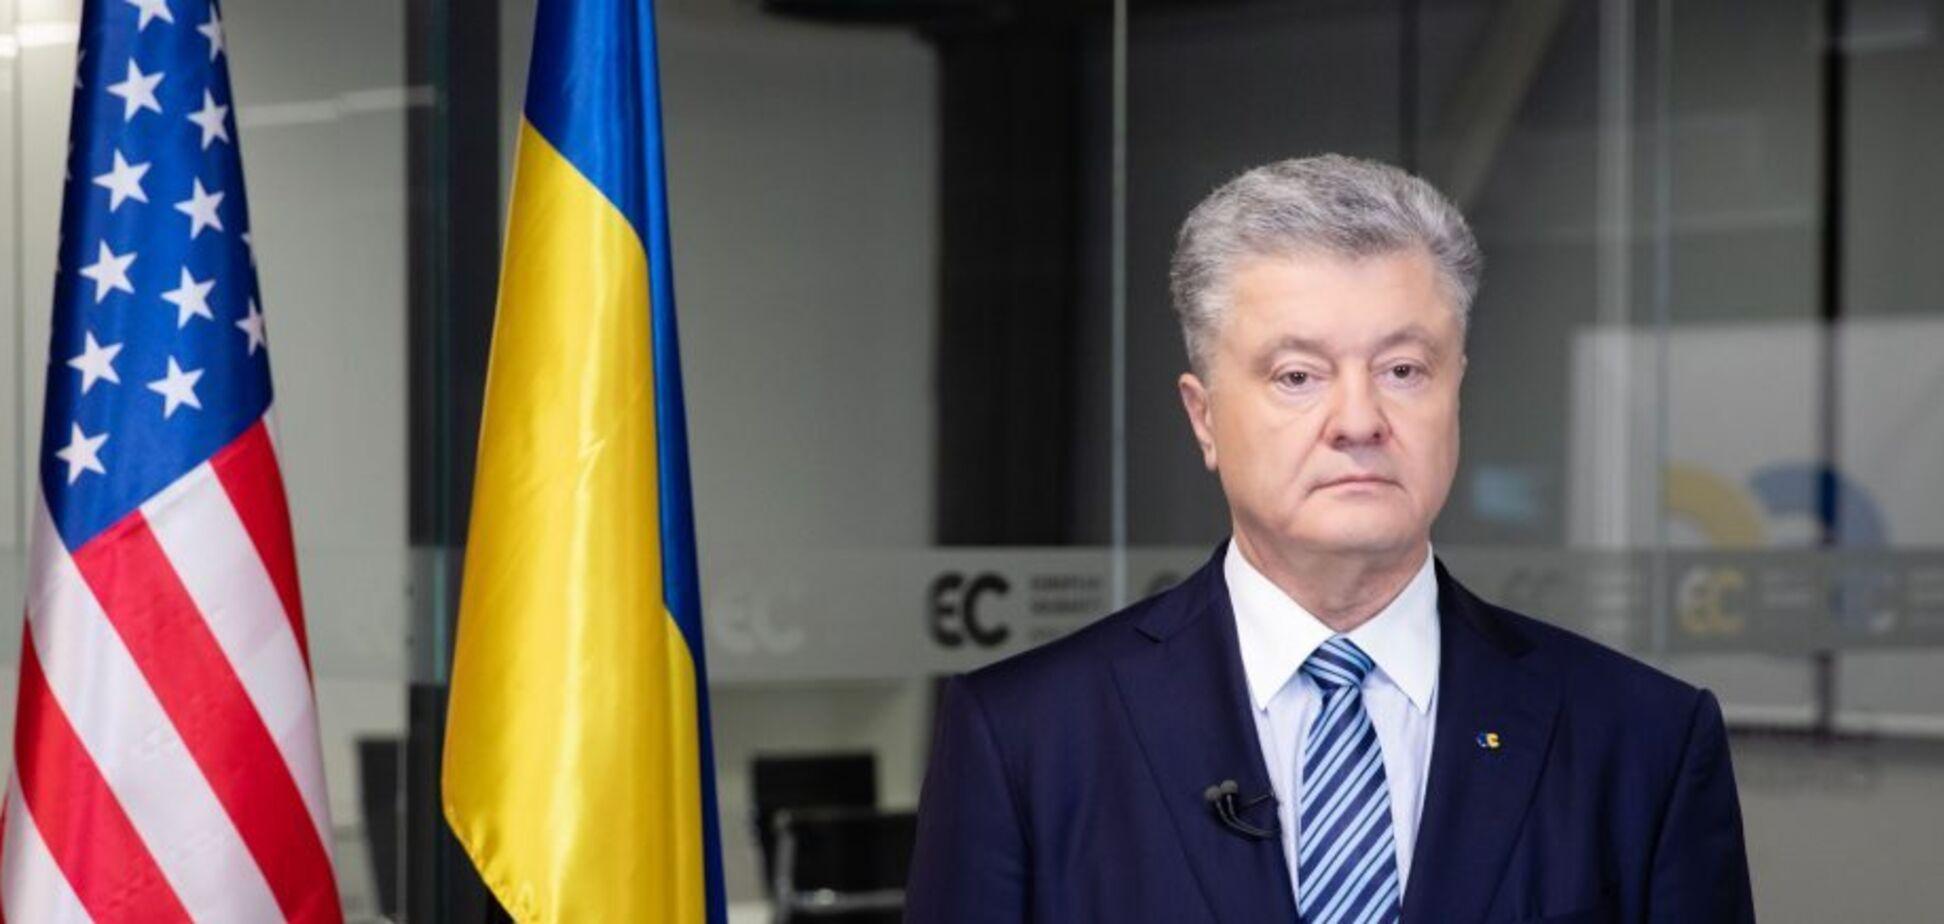 Порошенко: заява Байдена про Путіна для українців на вагу золота